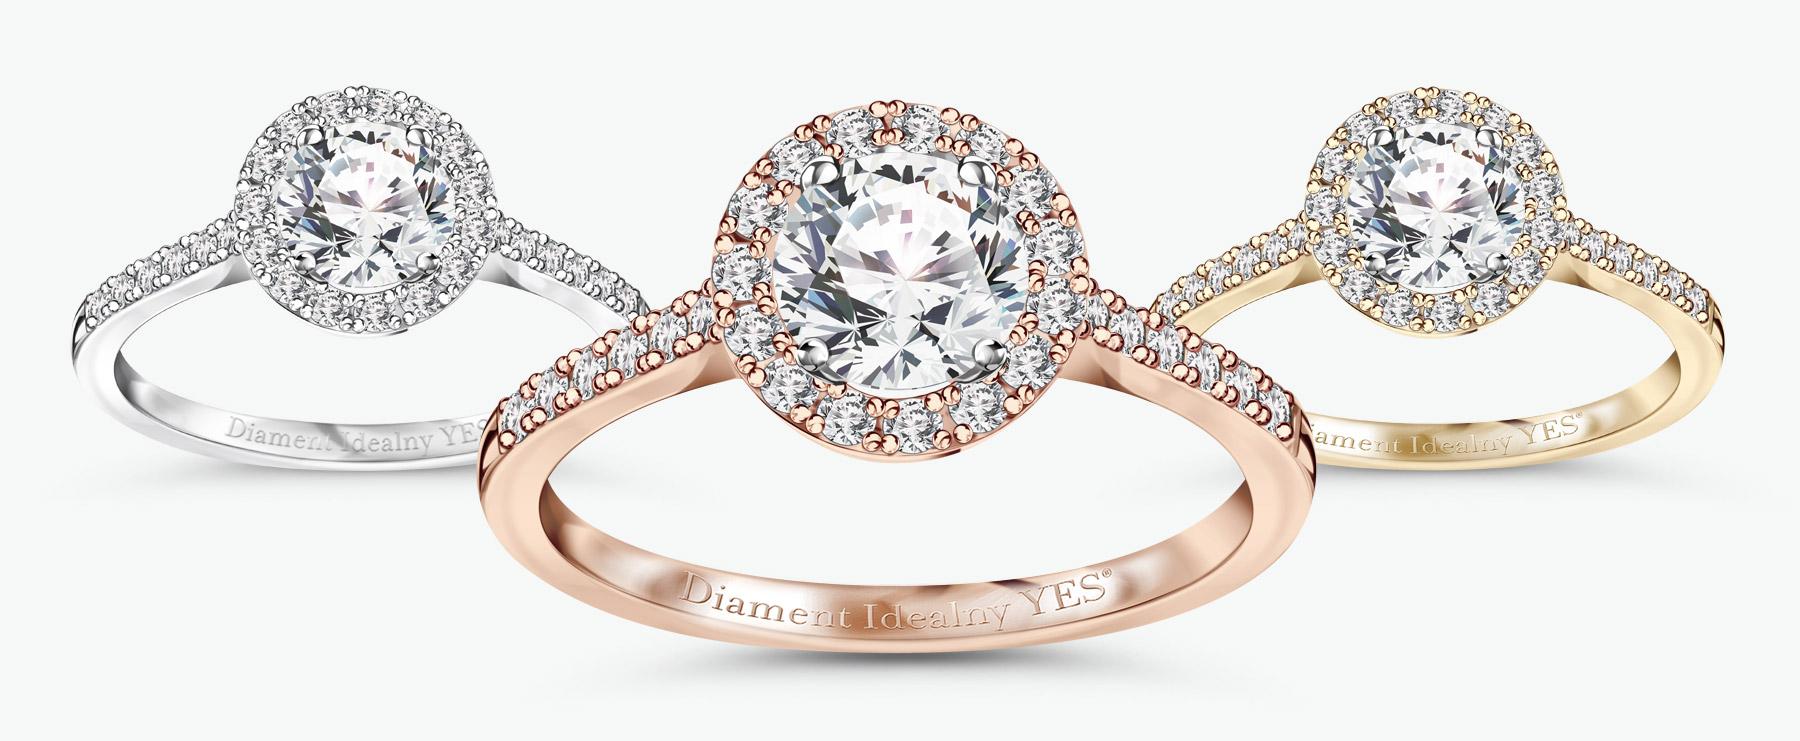 kolekcja-metropolitan-pierscionki-zareczynowe-z-diamentami-zloto-biale-rozowe-zolte-Diament-Idealny-YES